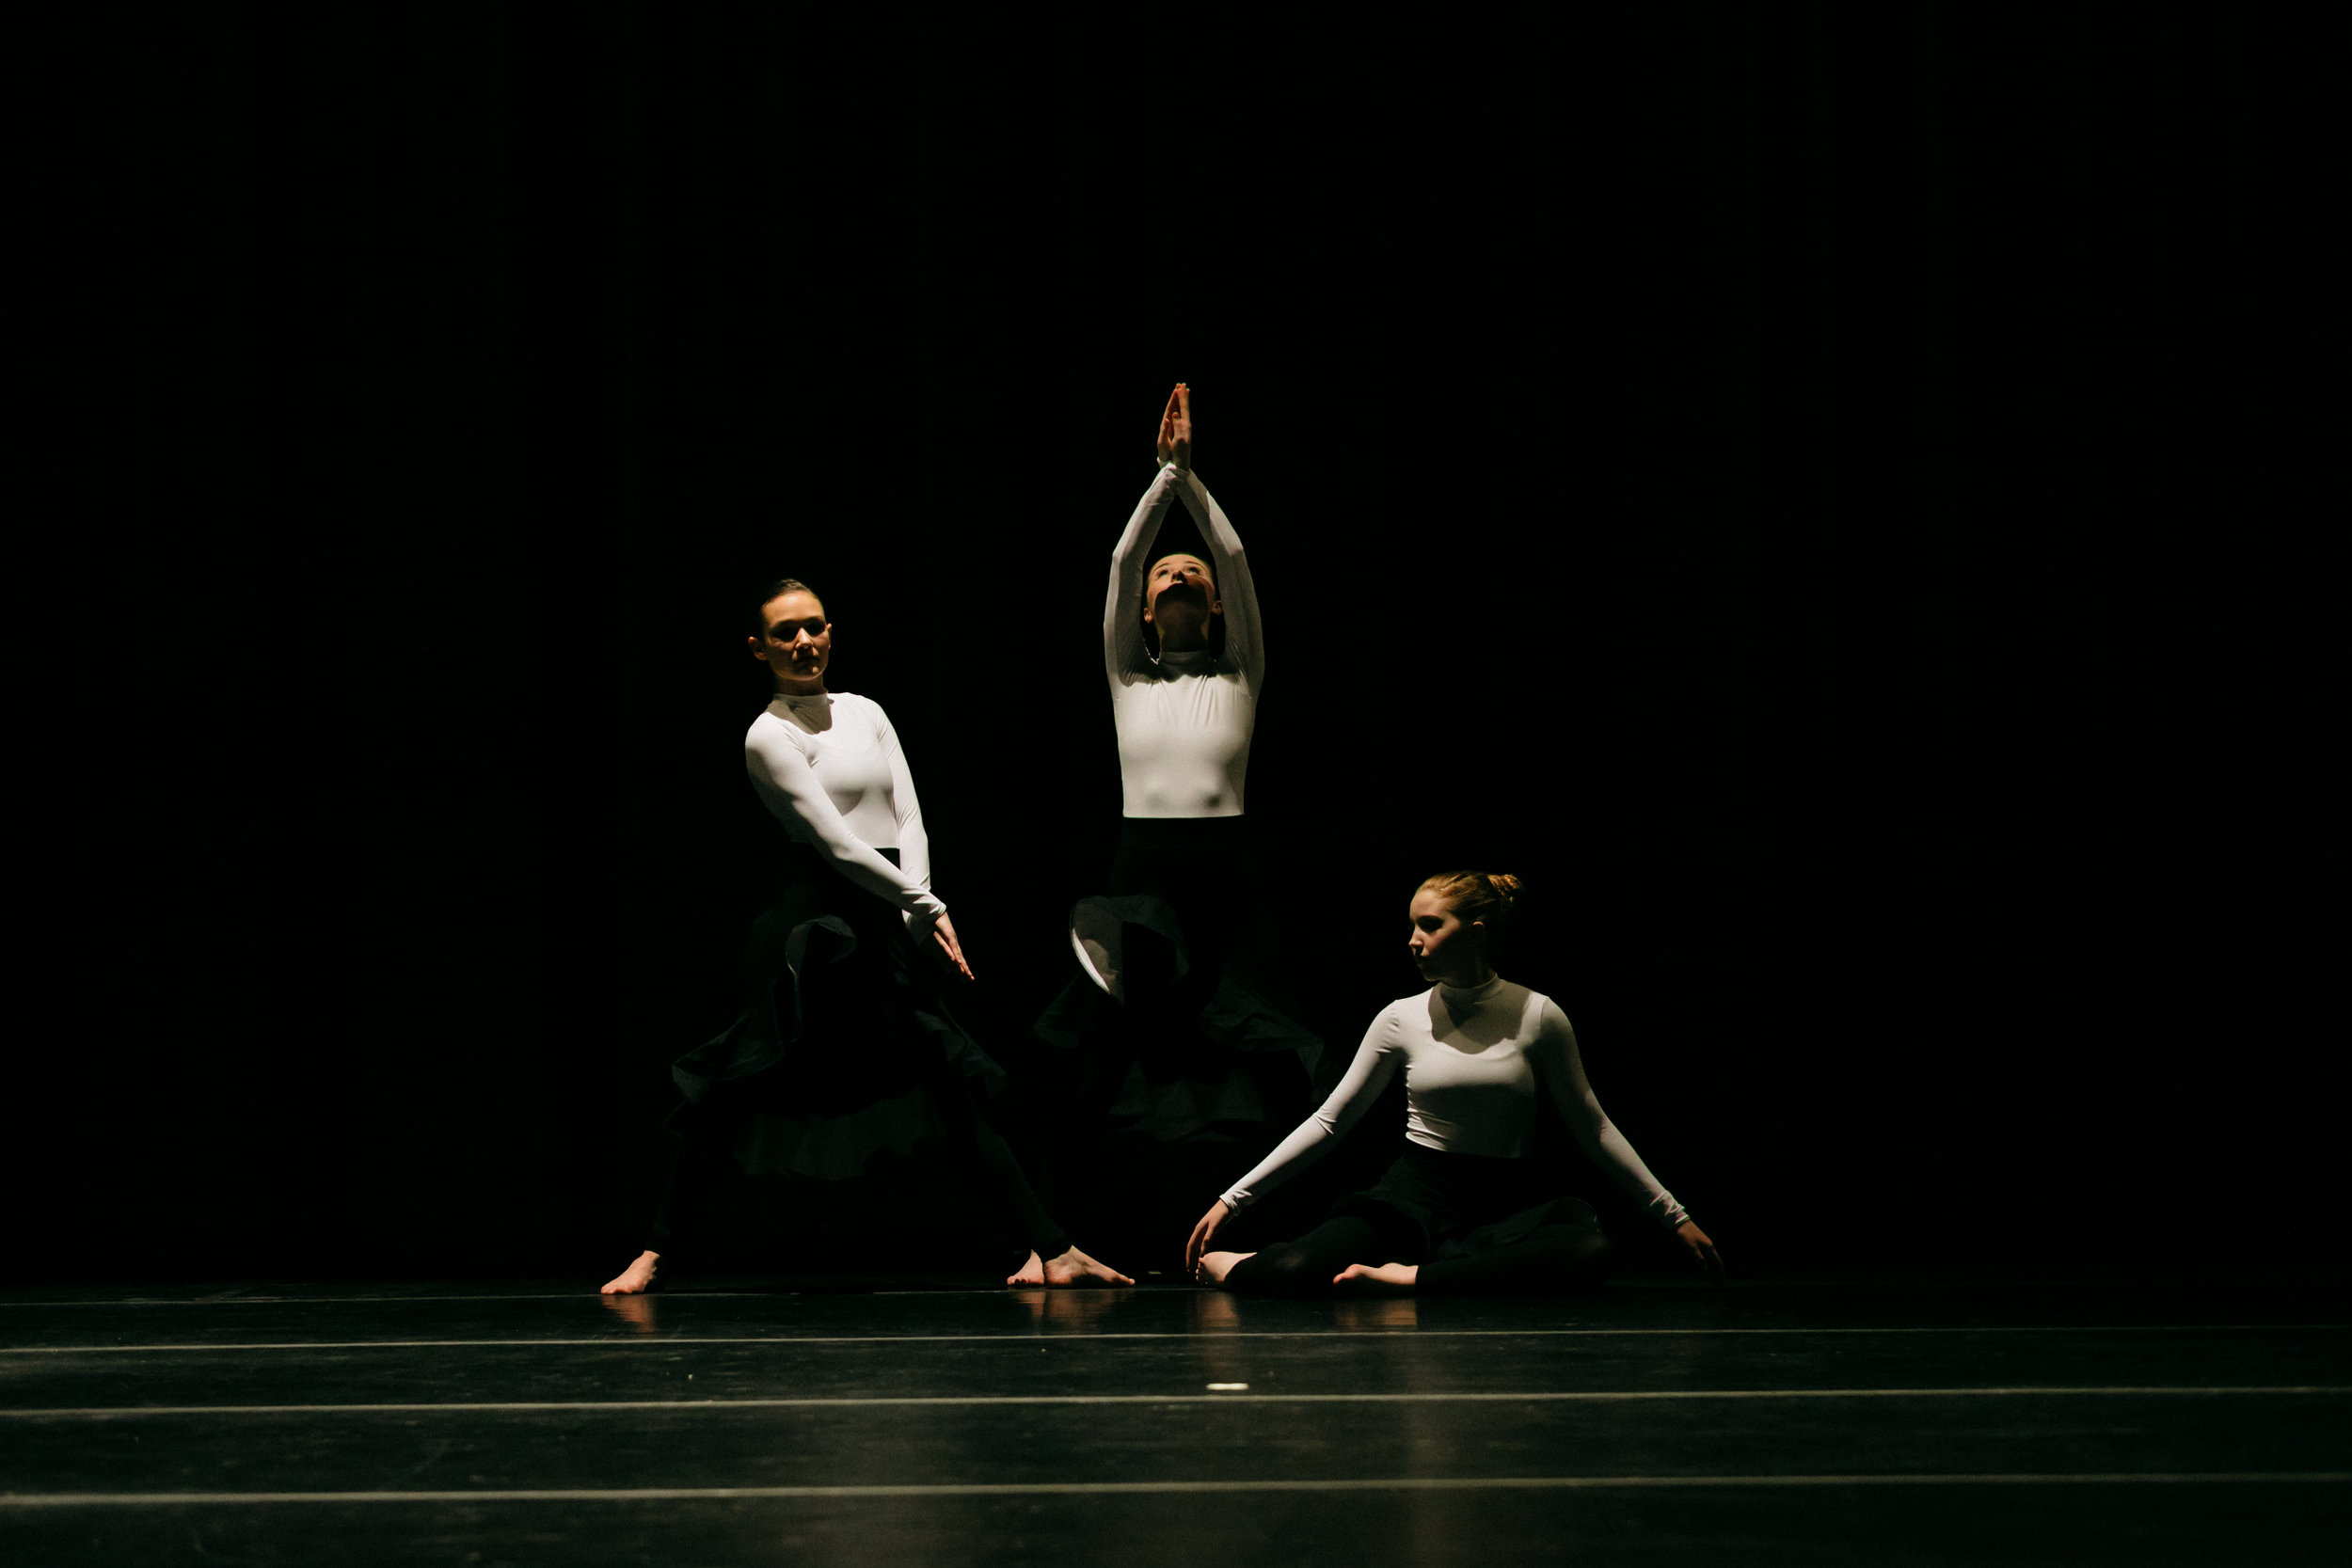 dance_photography_Cincinnati_Ohio-0277.jpg